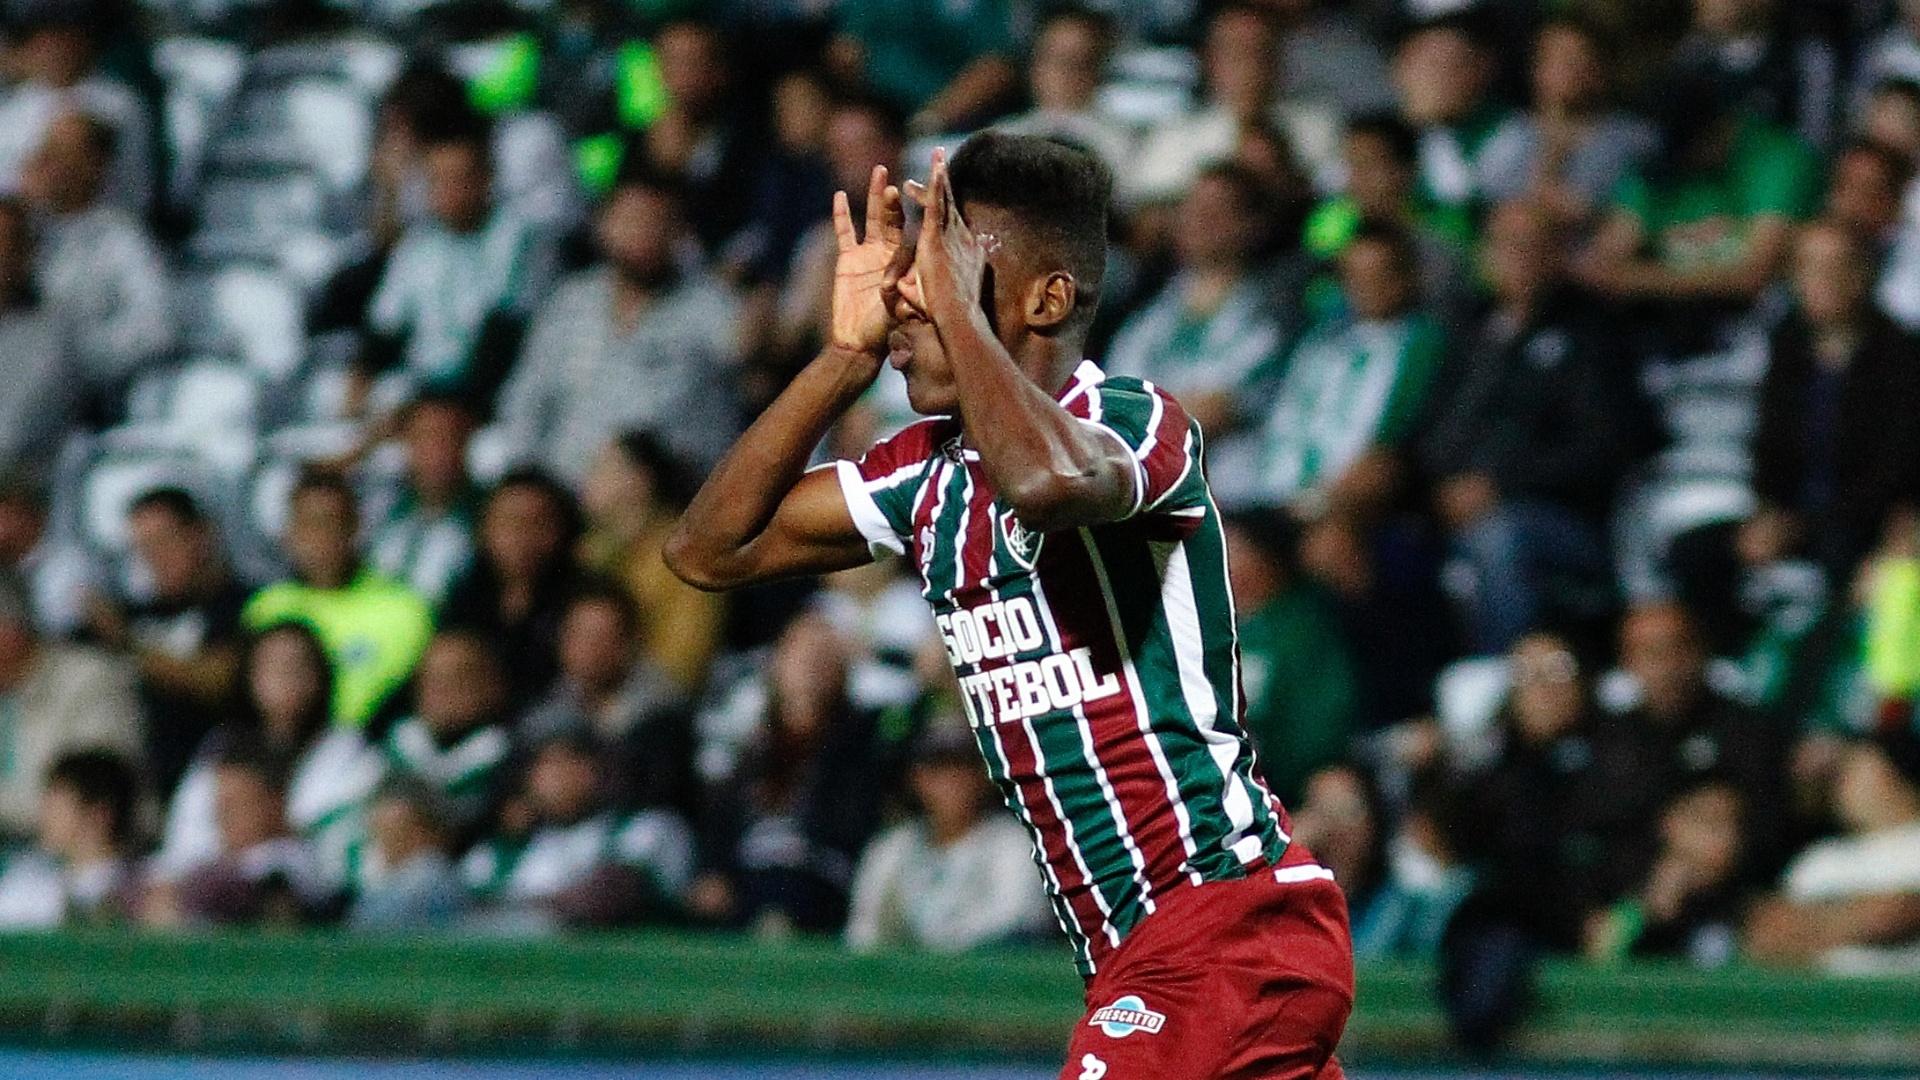 Léo Pelé comemora gol do Fluminense diante do Coritiba em jogo pelo Campeonato Brasileiro 2017